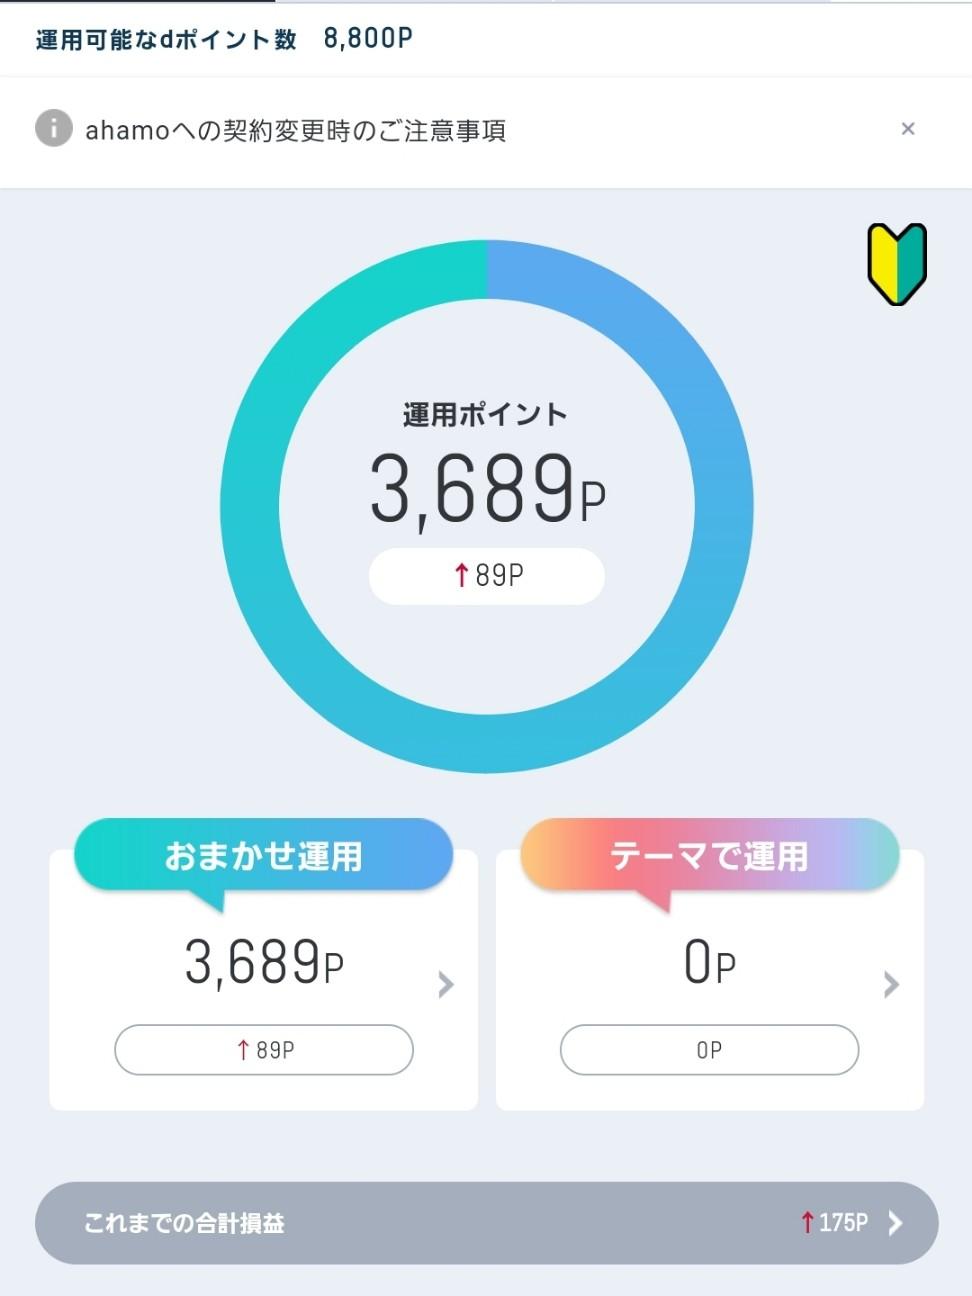 f:id:jiko-koji:20210426171412j:image